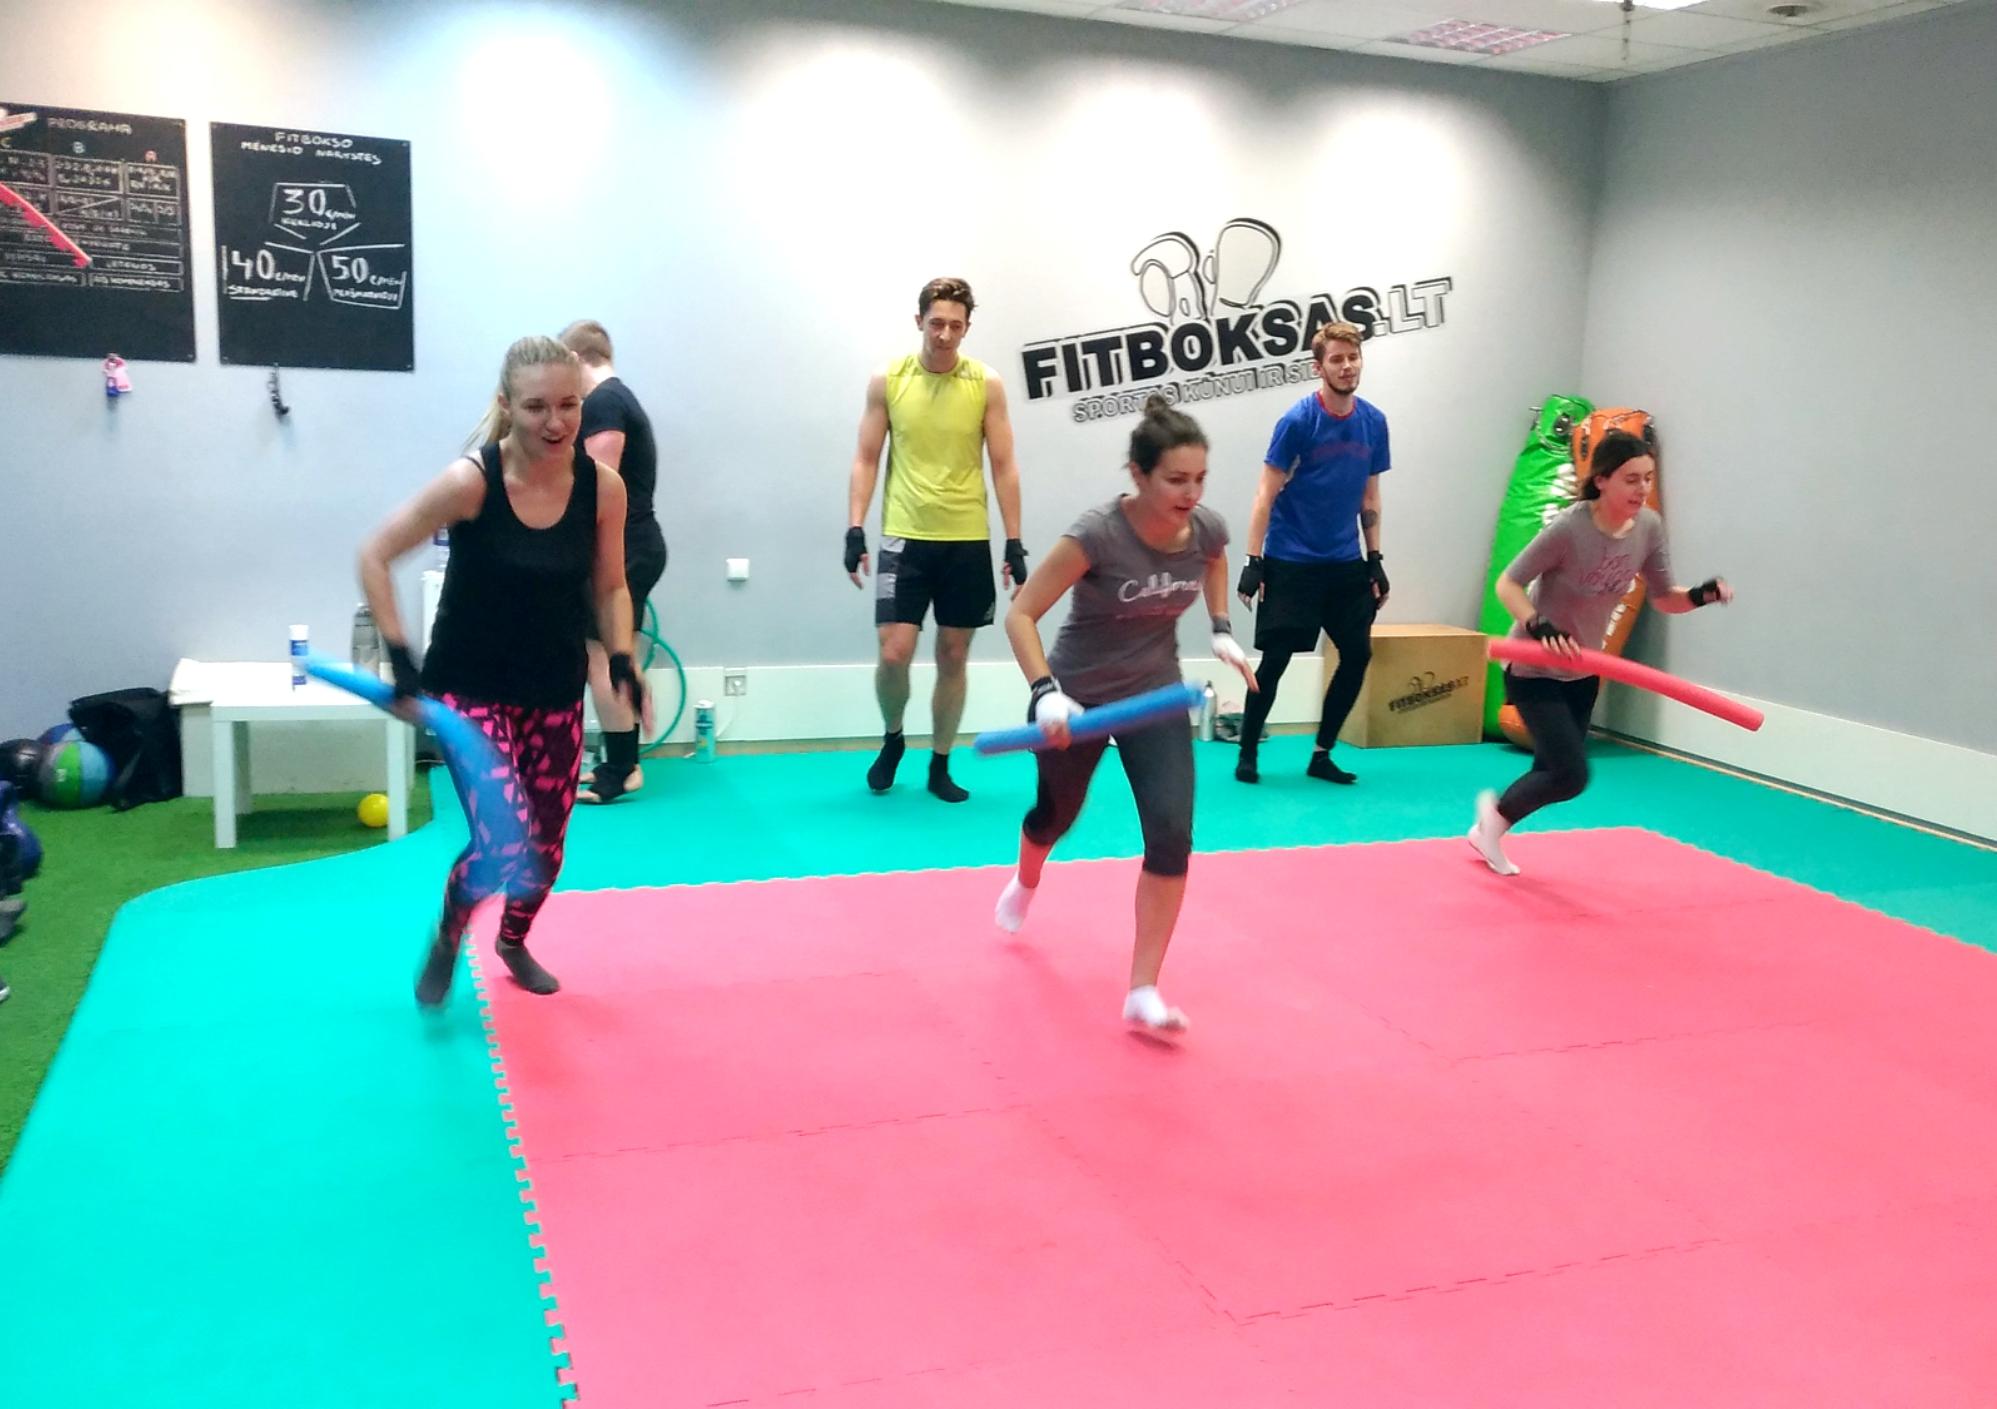 Fitbokso treniruotės